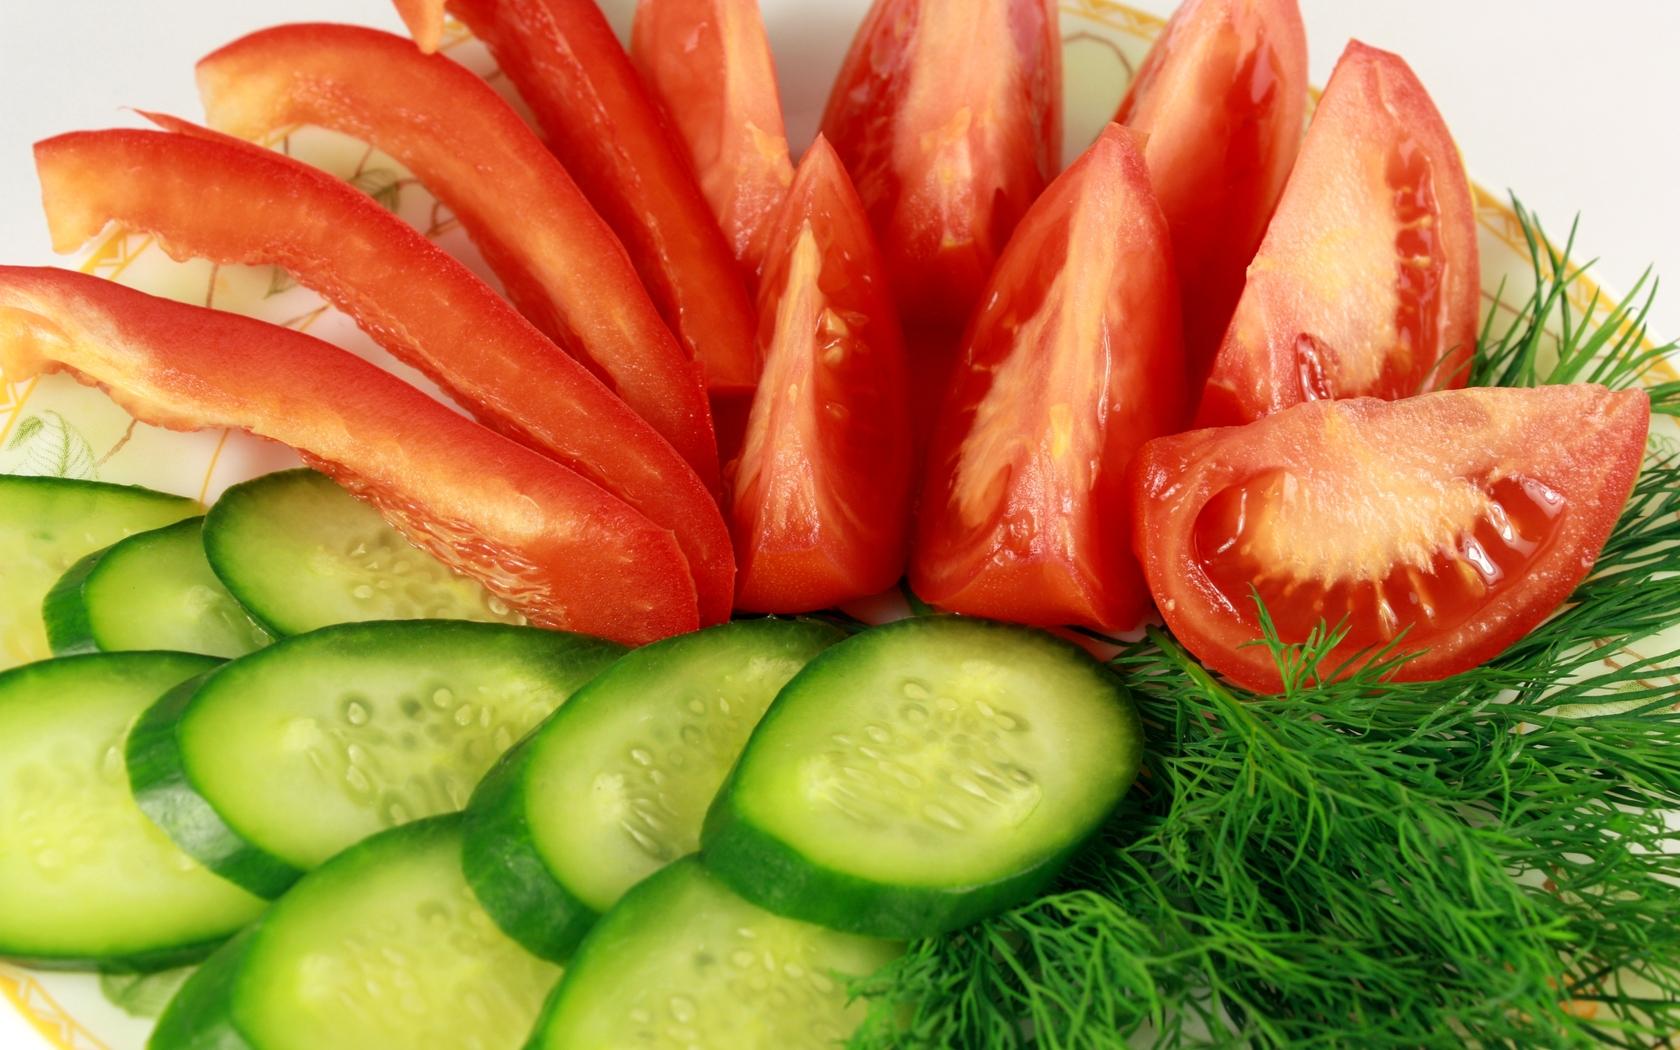 В Казахстане цены на овощи взлетели на 20%  , Казахстан, Овощ, цена